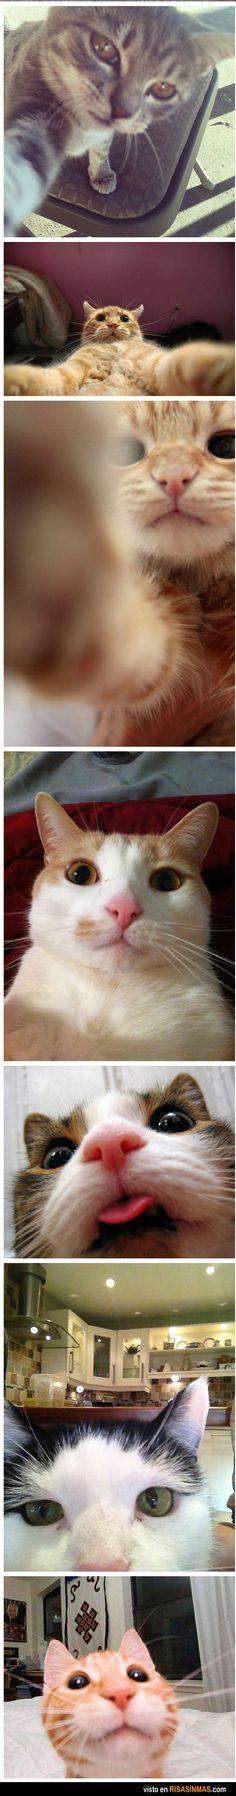 Haha cat selfies!!!!